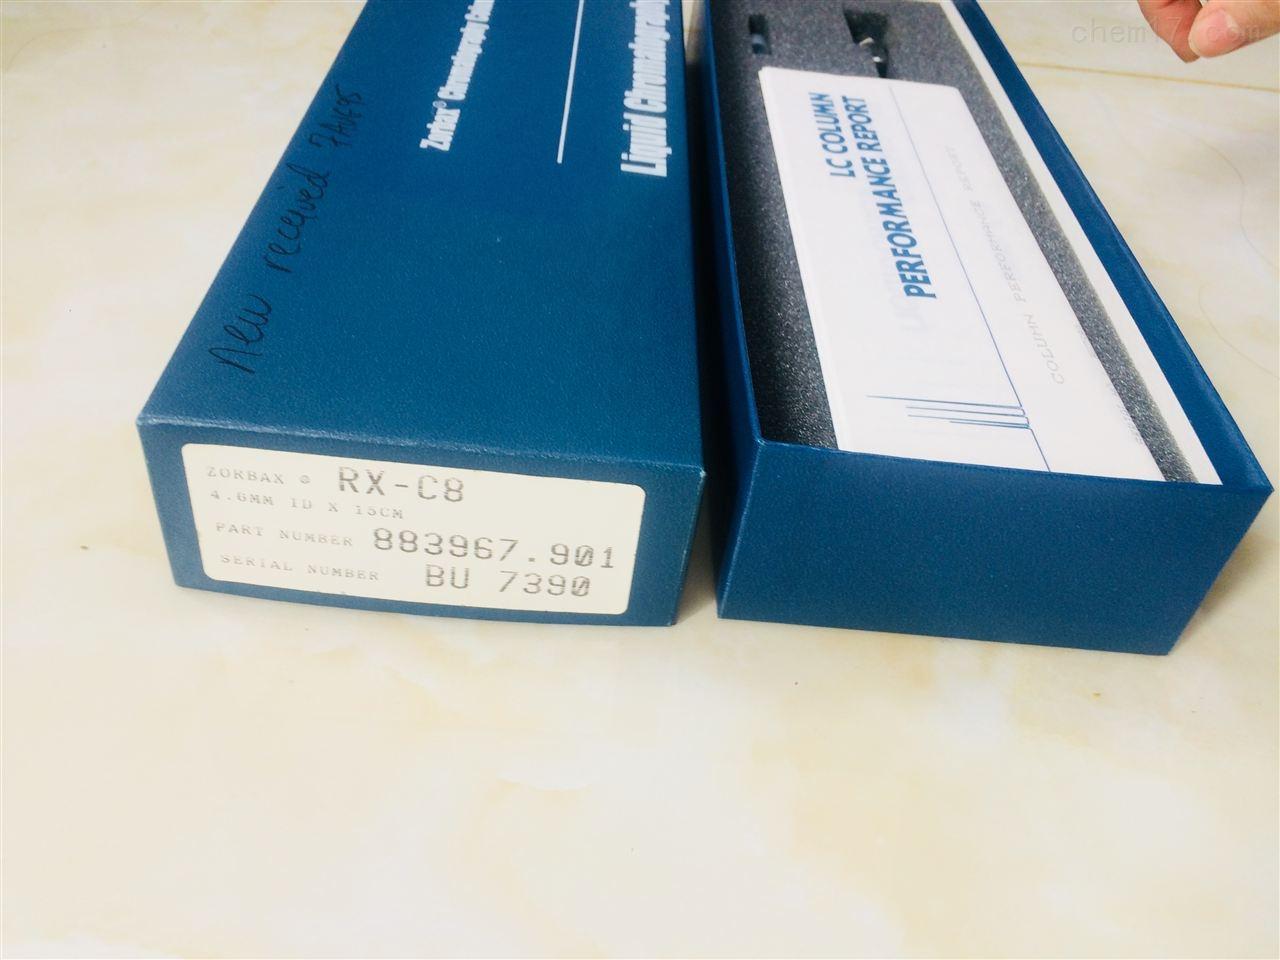 883967-901安捷伦883967-901HPLC 色谱柱液相色谱仪